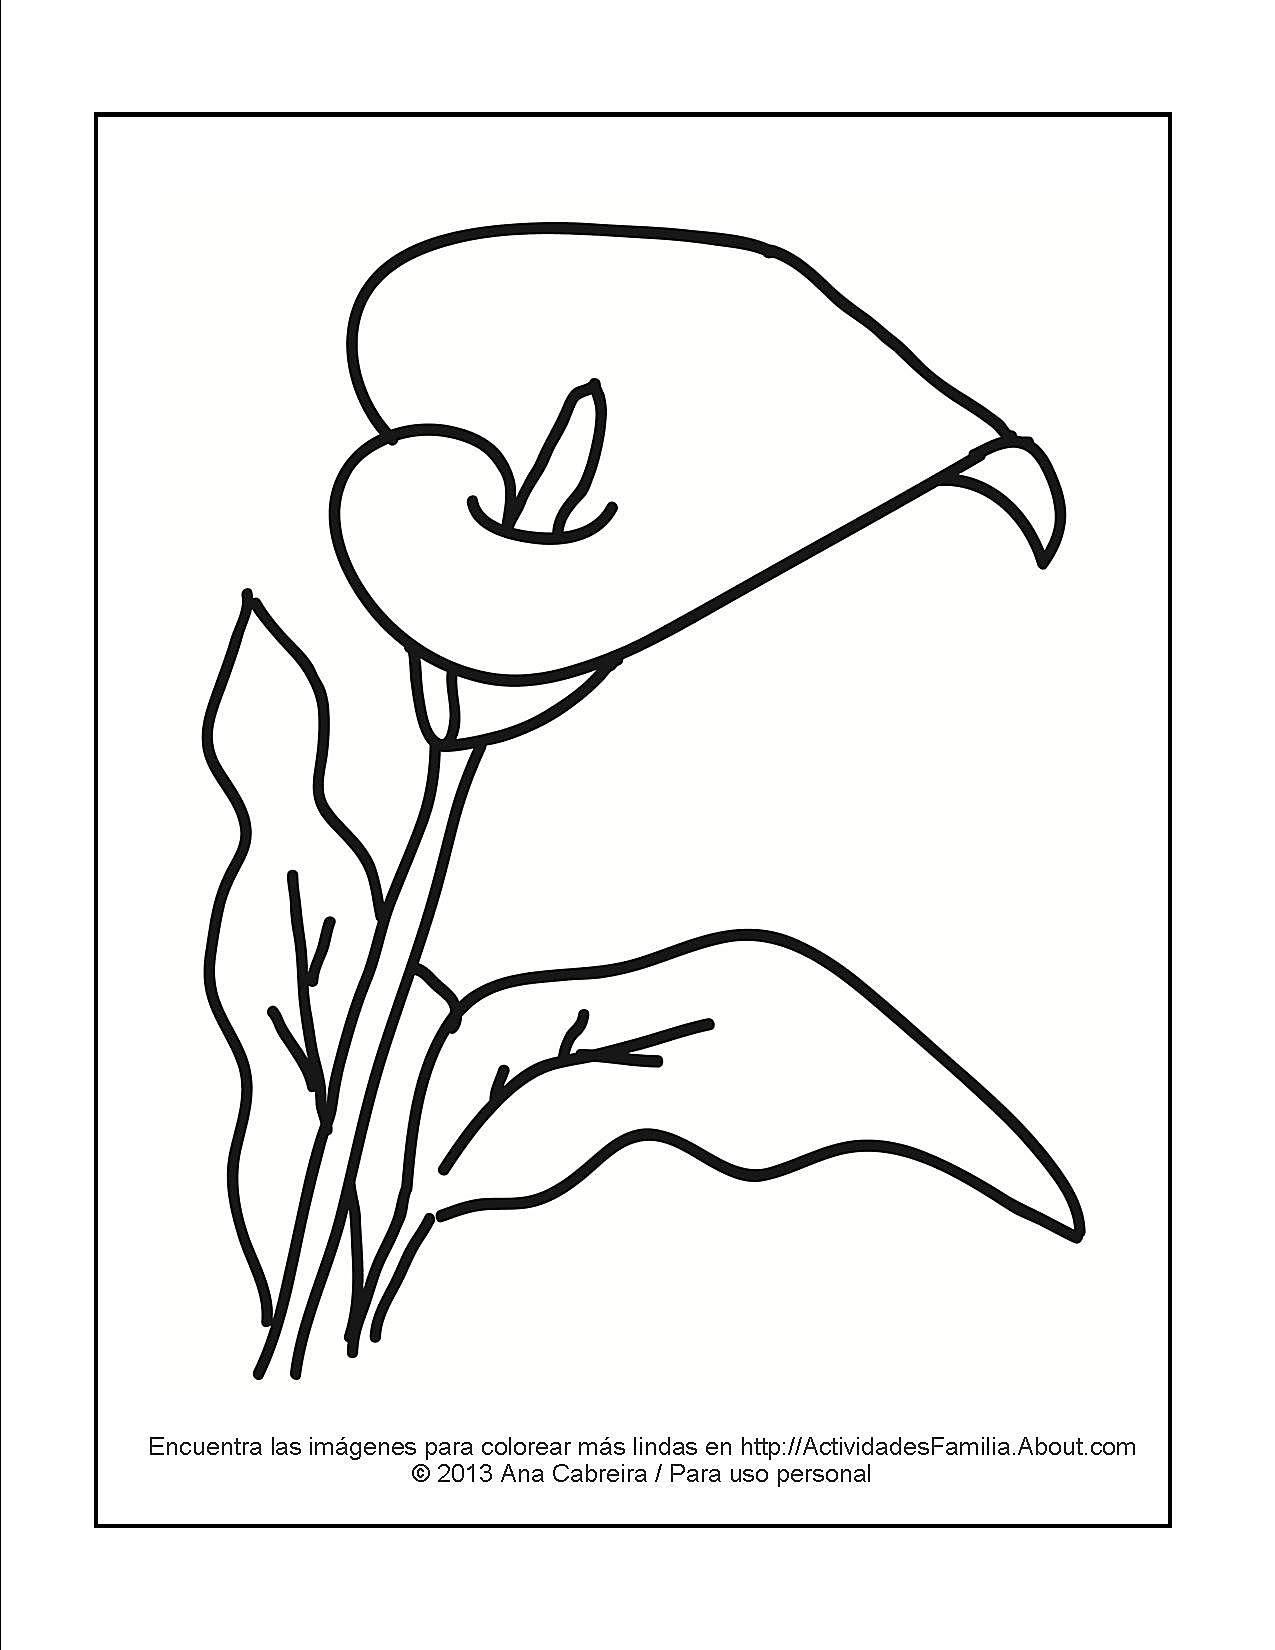 Famoso Desafiante Flor Para Colorear Imágenes - Dibujos Para ...